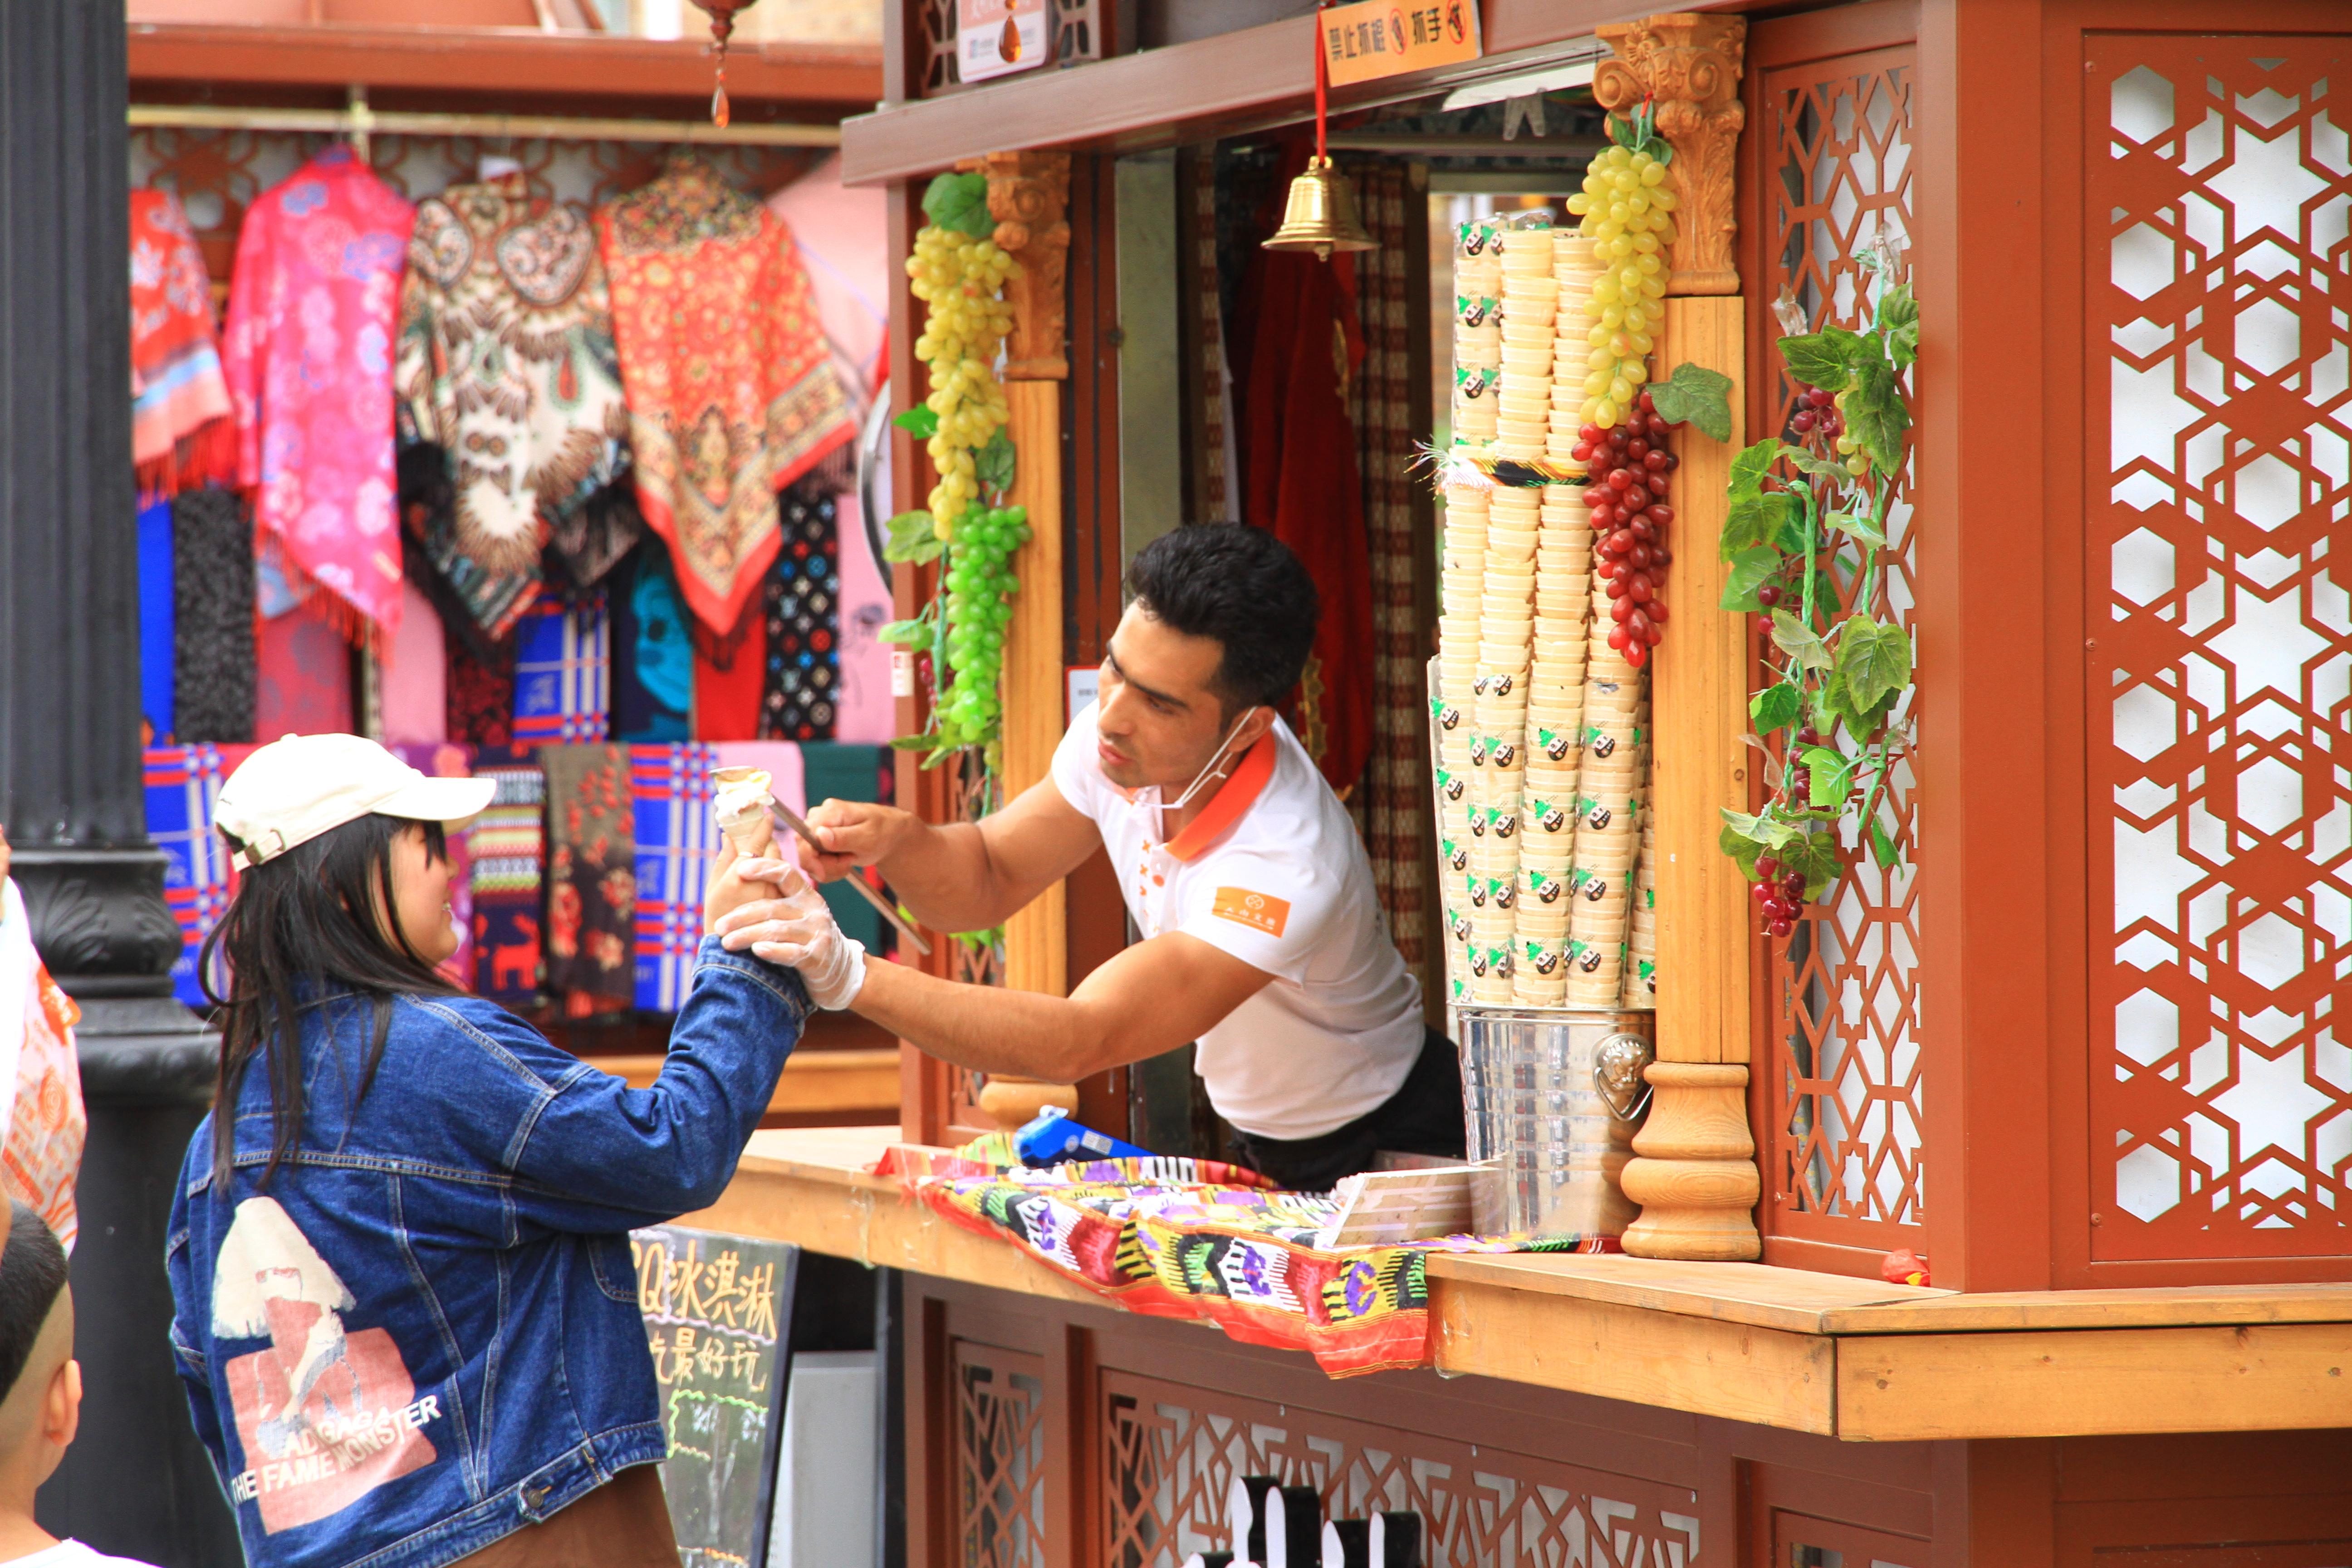 81、乌市国际大巴扎。据说是上了央视的网红冰淇淋店。老板边舞边唱,边售卖,非常讨人喜!